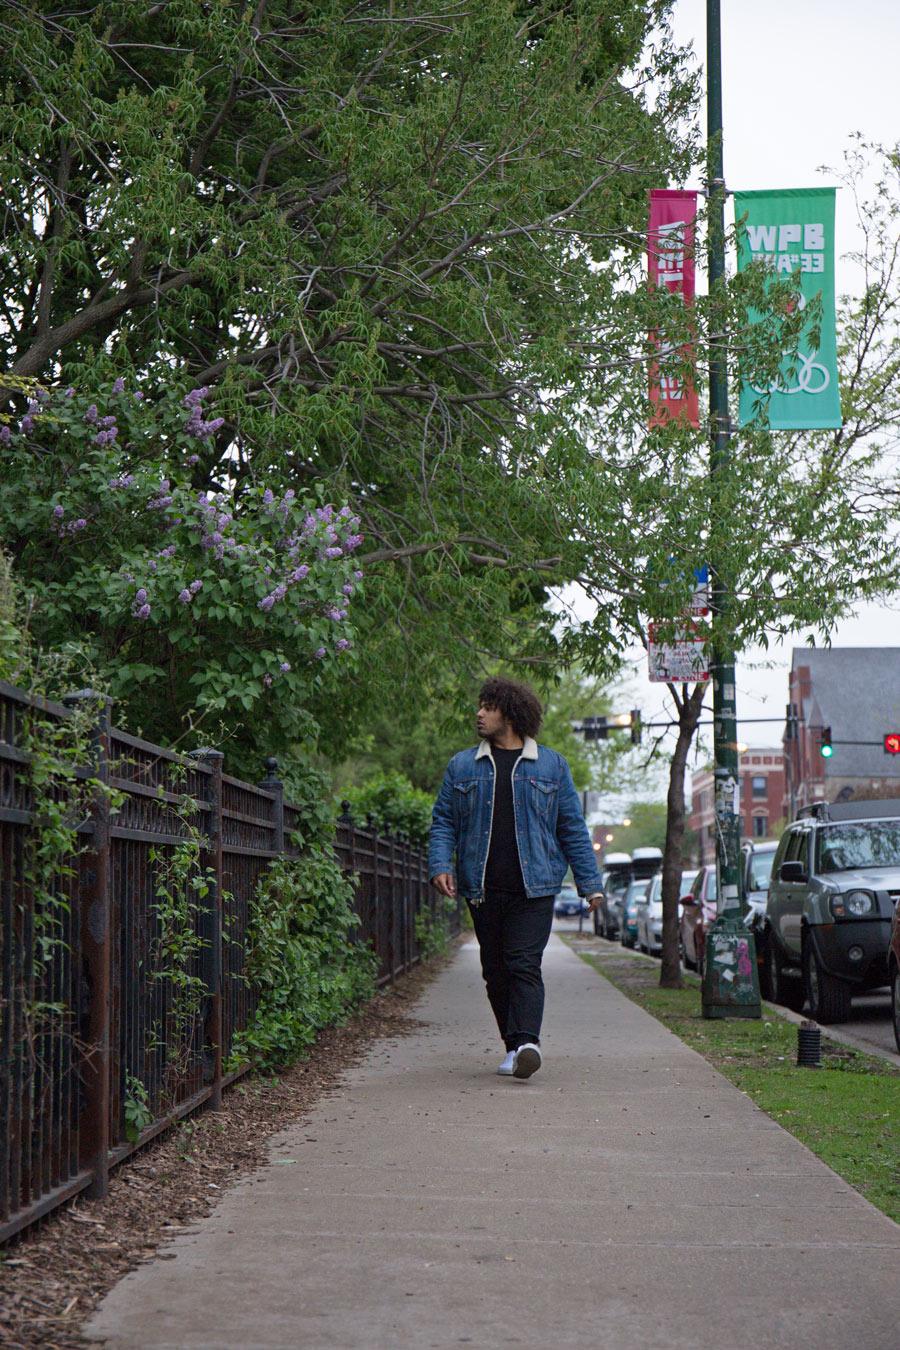 Purp walks along Damen in Wicker Park.